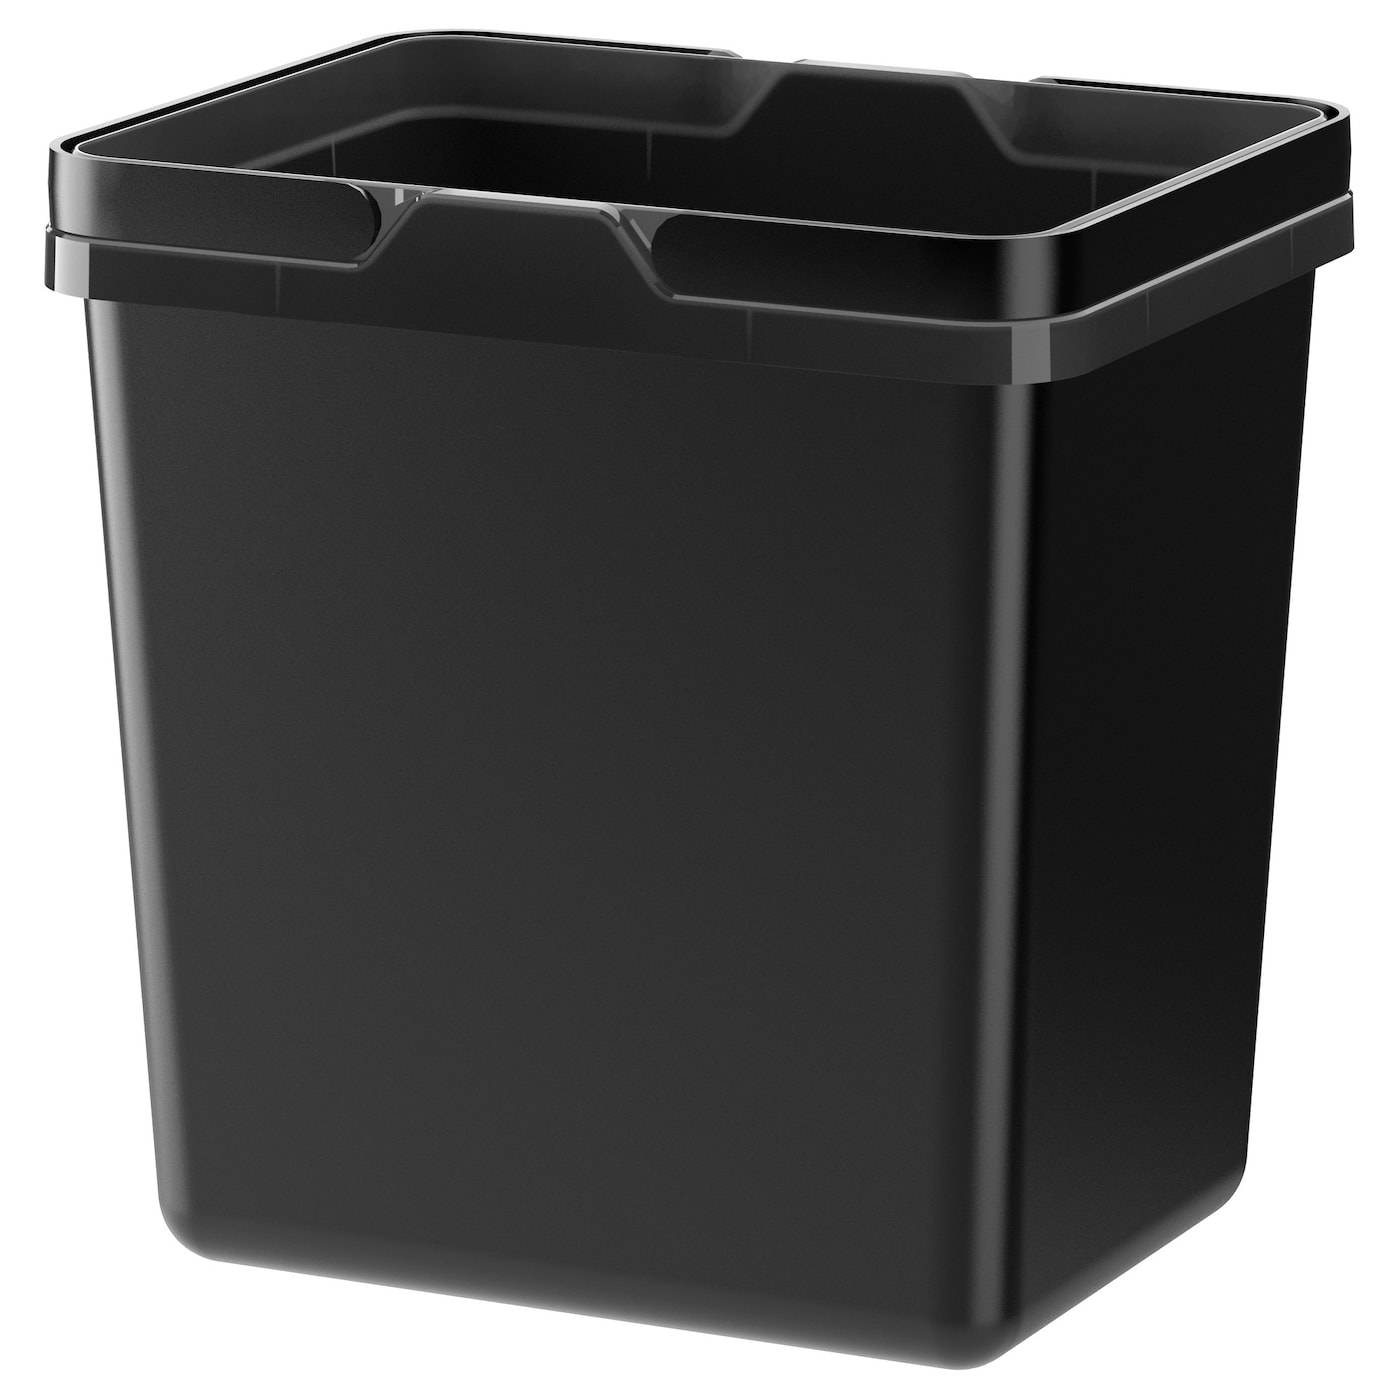 VARIERA Odpadkový koš (102.046.24) od Ikea CZ